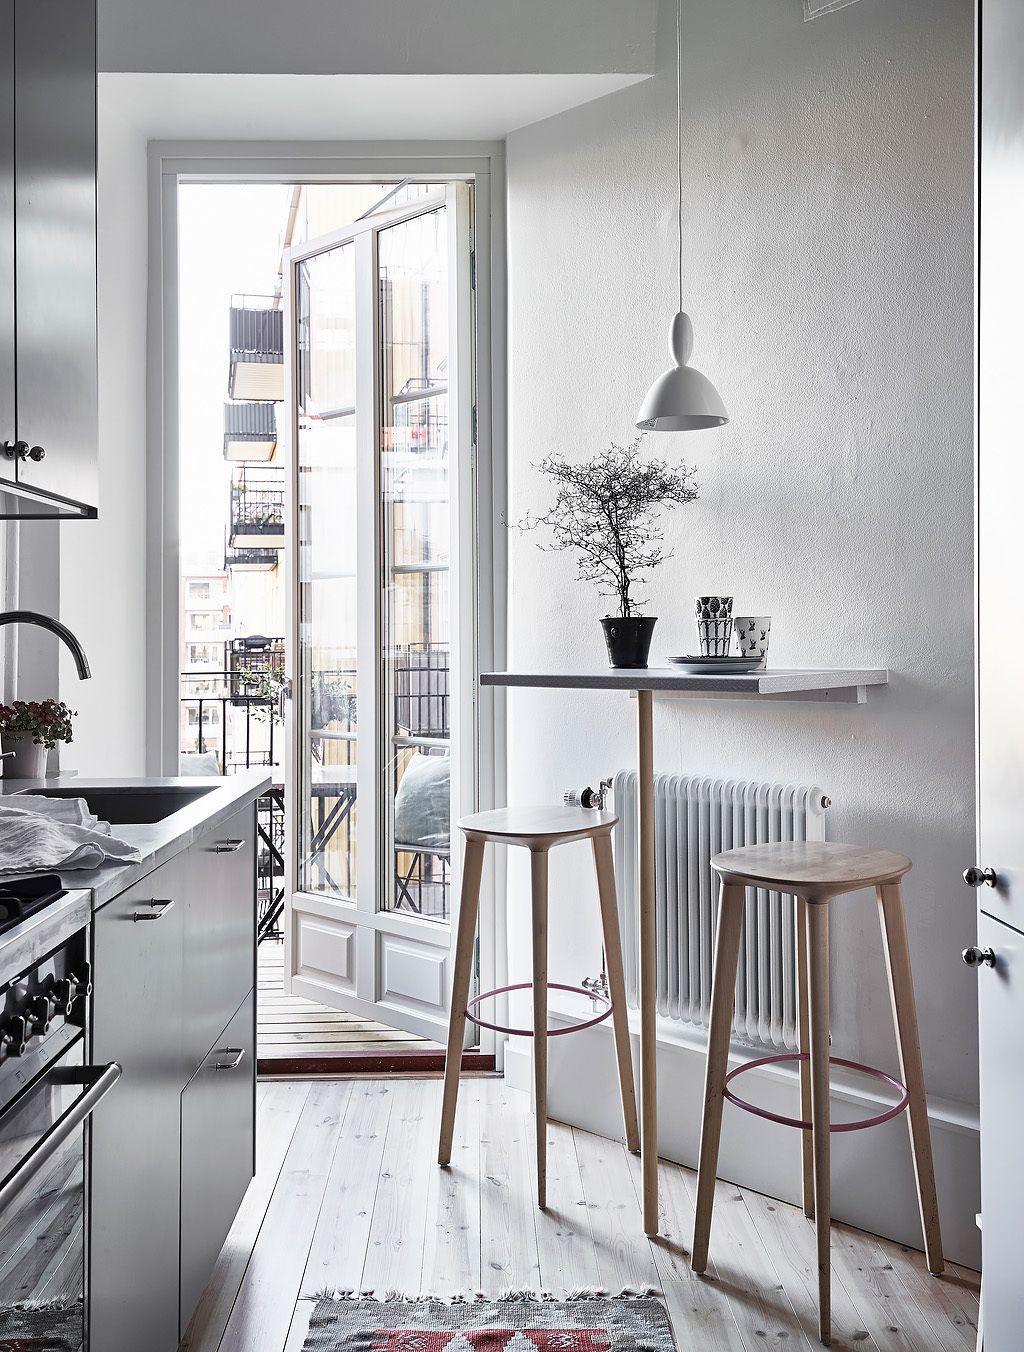 Дизайн кухни с барной стойкой для двоих